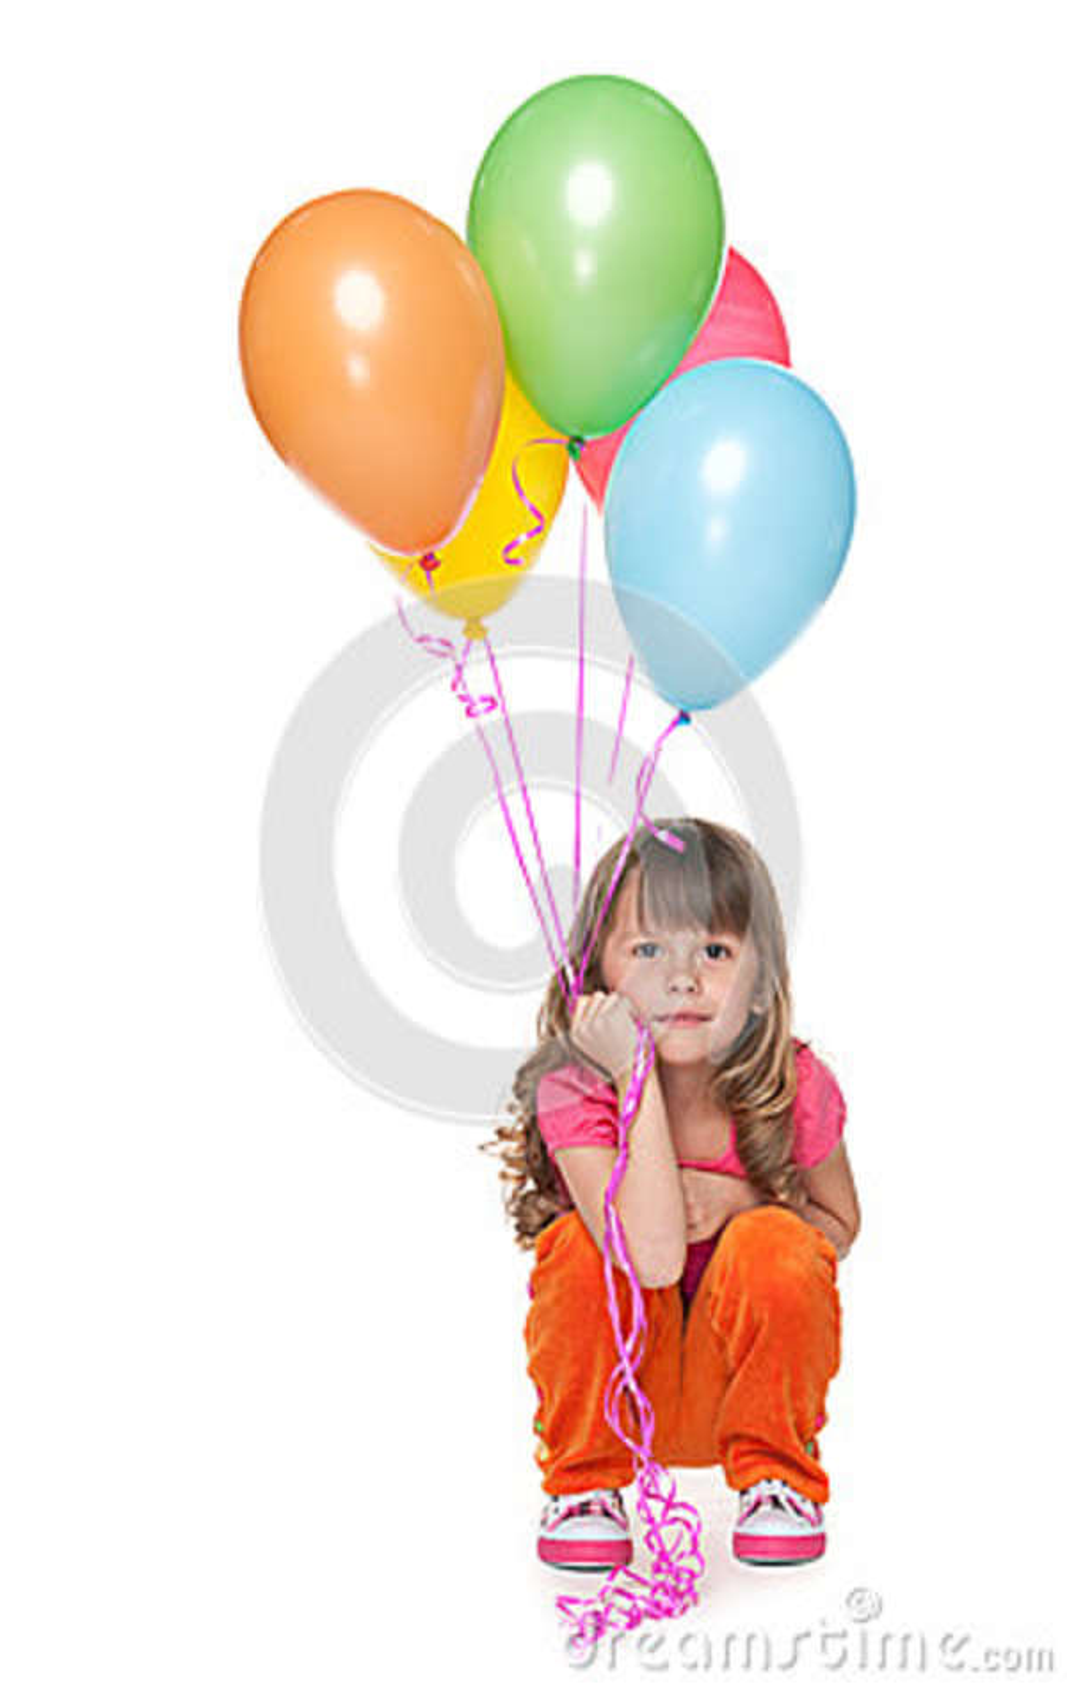 Rozważna mała dziewczynka z balonami